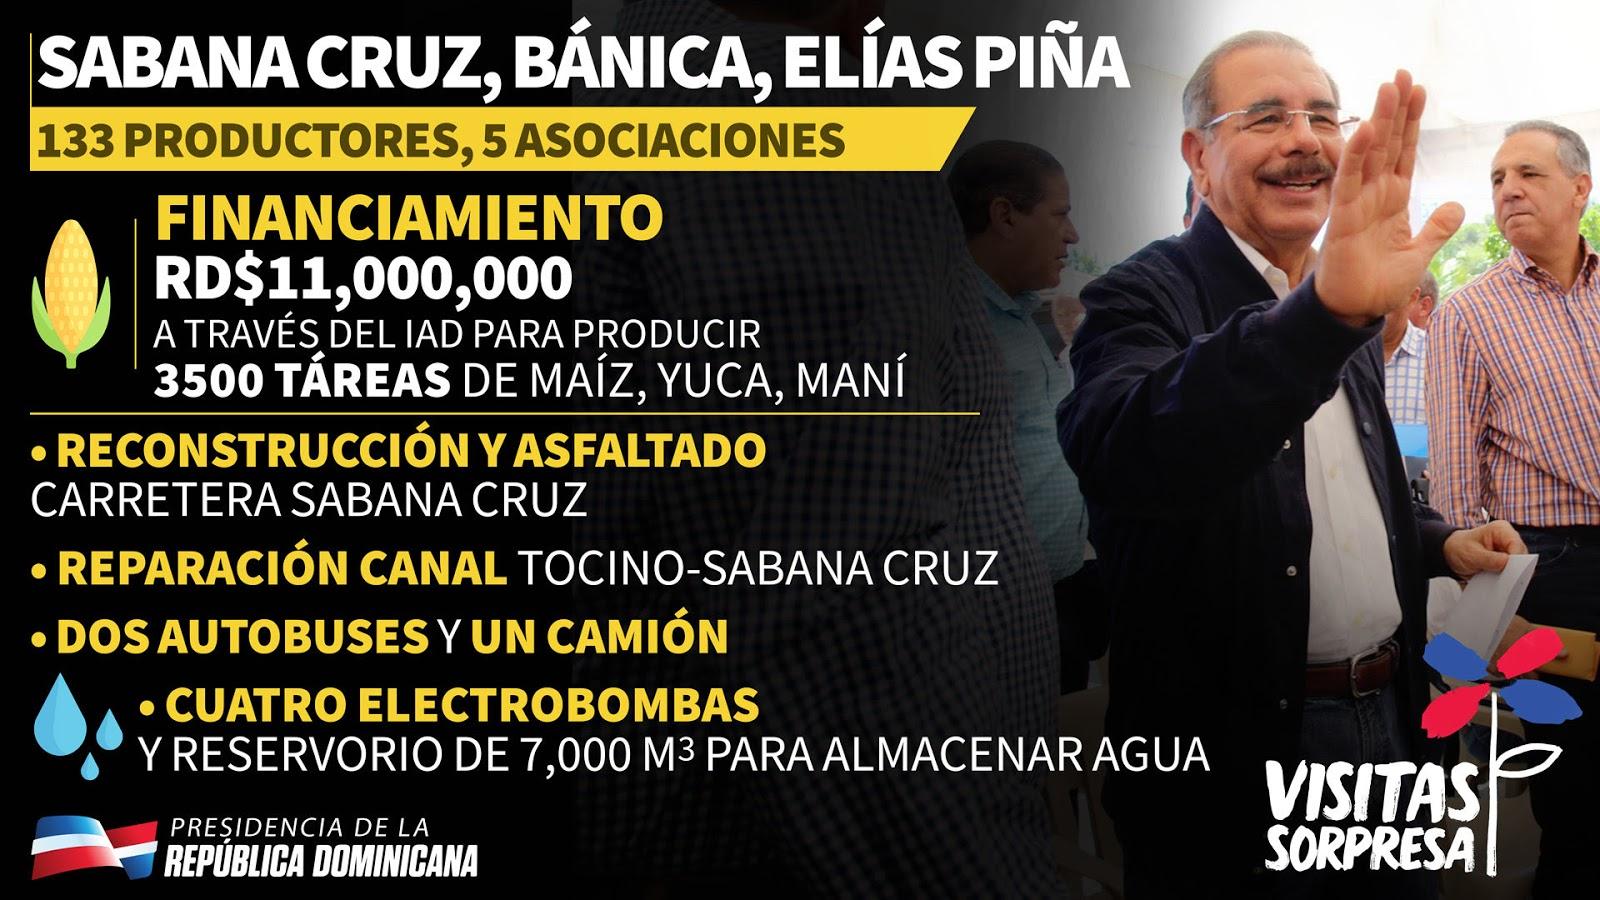 Visita a Sabana Cruz, Bánica, Elías Piña. Infografía